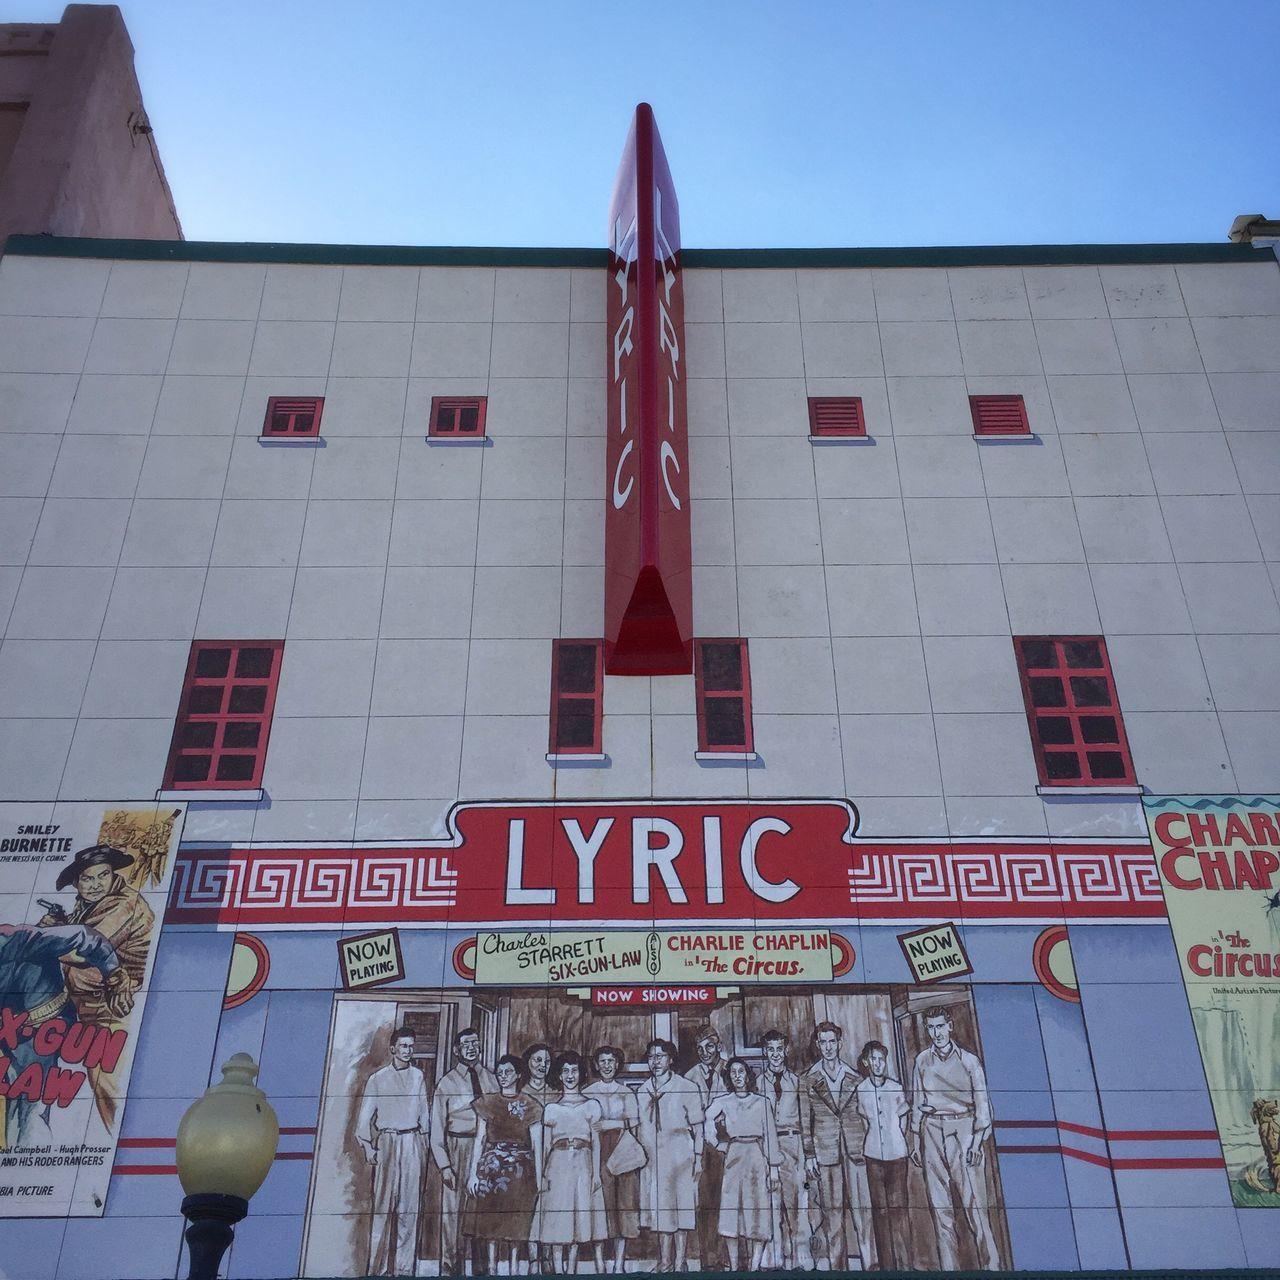 Lyric Theatre MOVIE Movie Time Theater Movienight